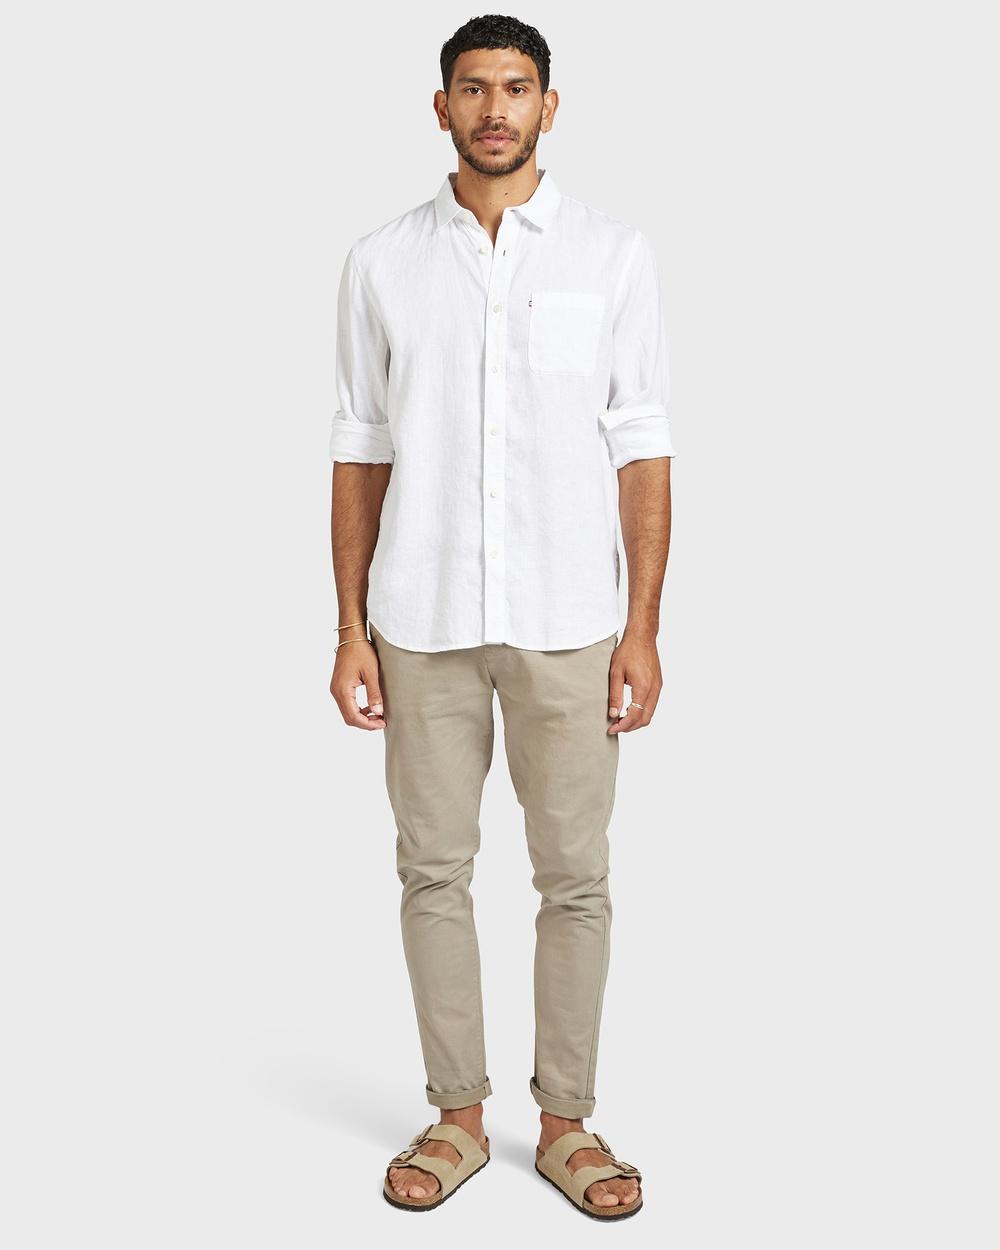 Academy Brand Cooper Slim Chino Pants Green